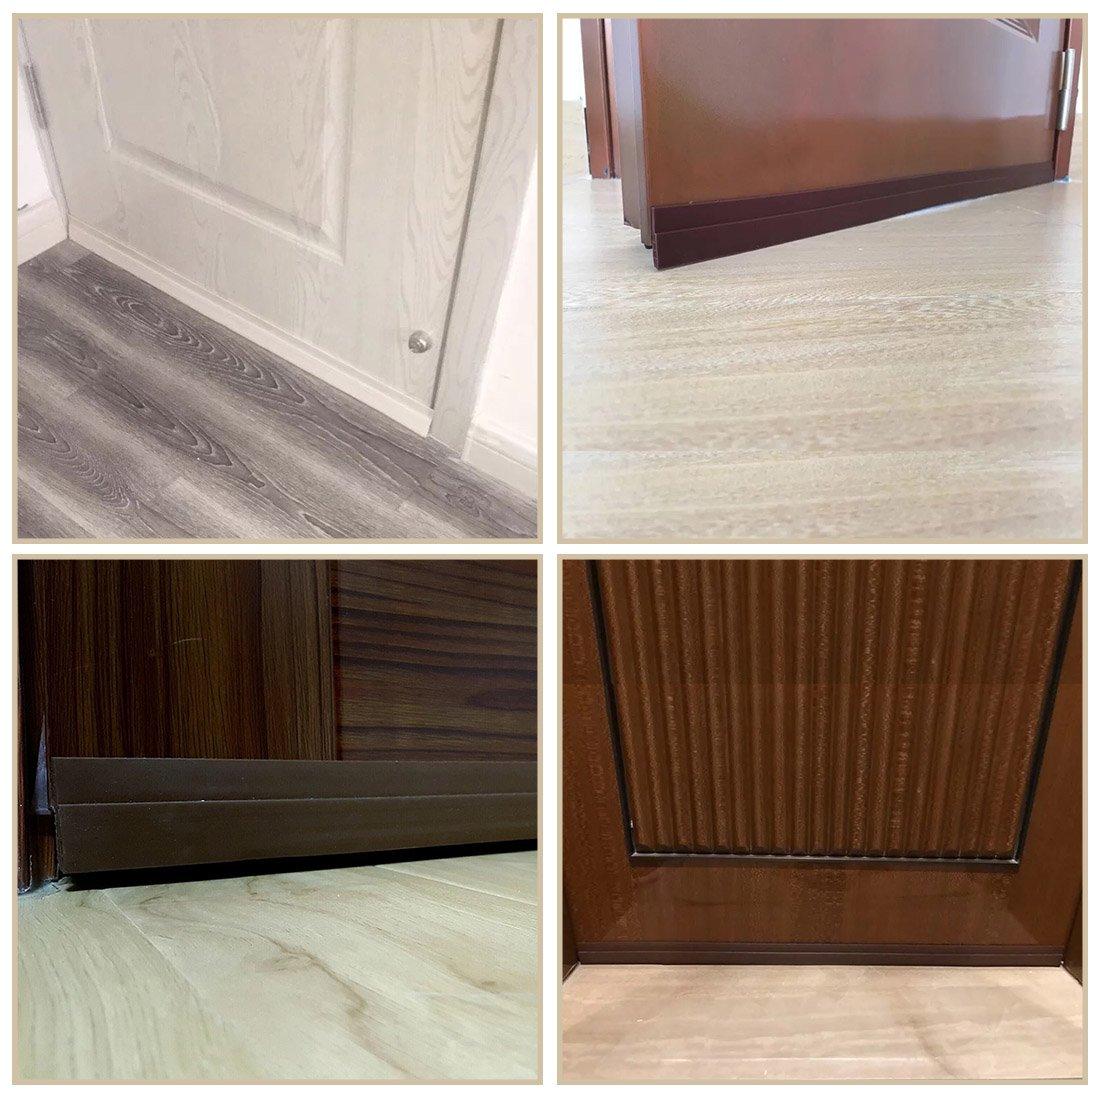 door bottom seal strip under door sweep weather stripping energy money saving 6519526103934 ebay. Black Bedroom Furniture Sets. Home Design Ideas